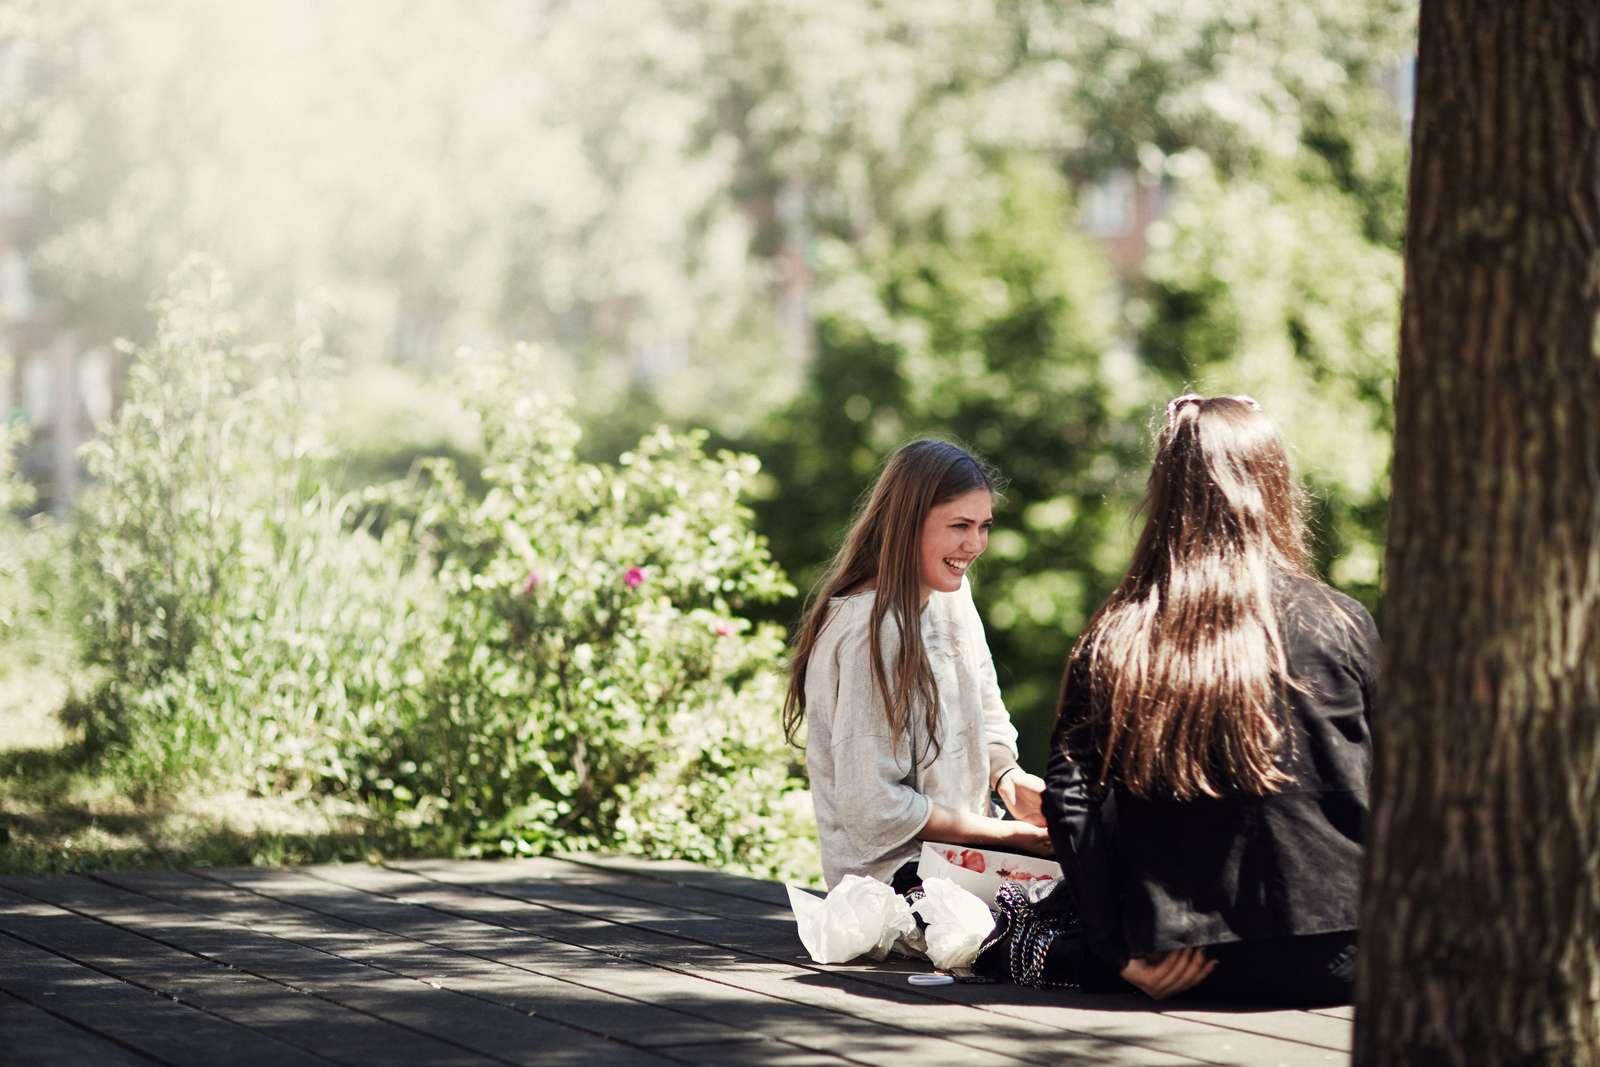 hai cô gái nói chuyện về cuộc sống cân bằng